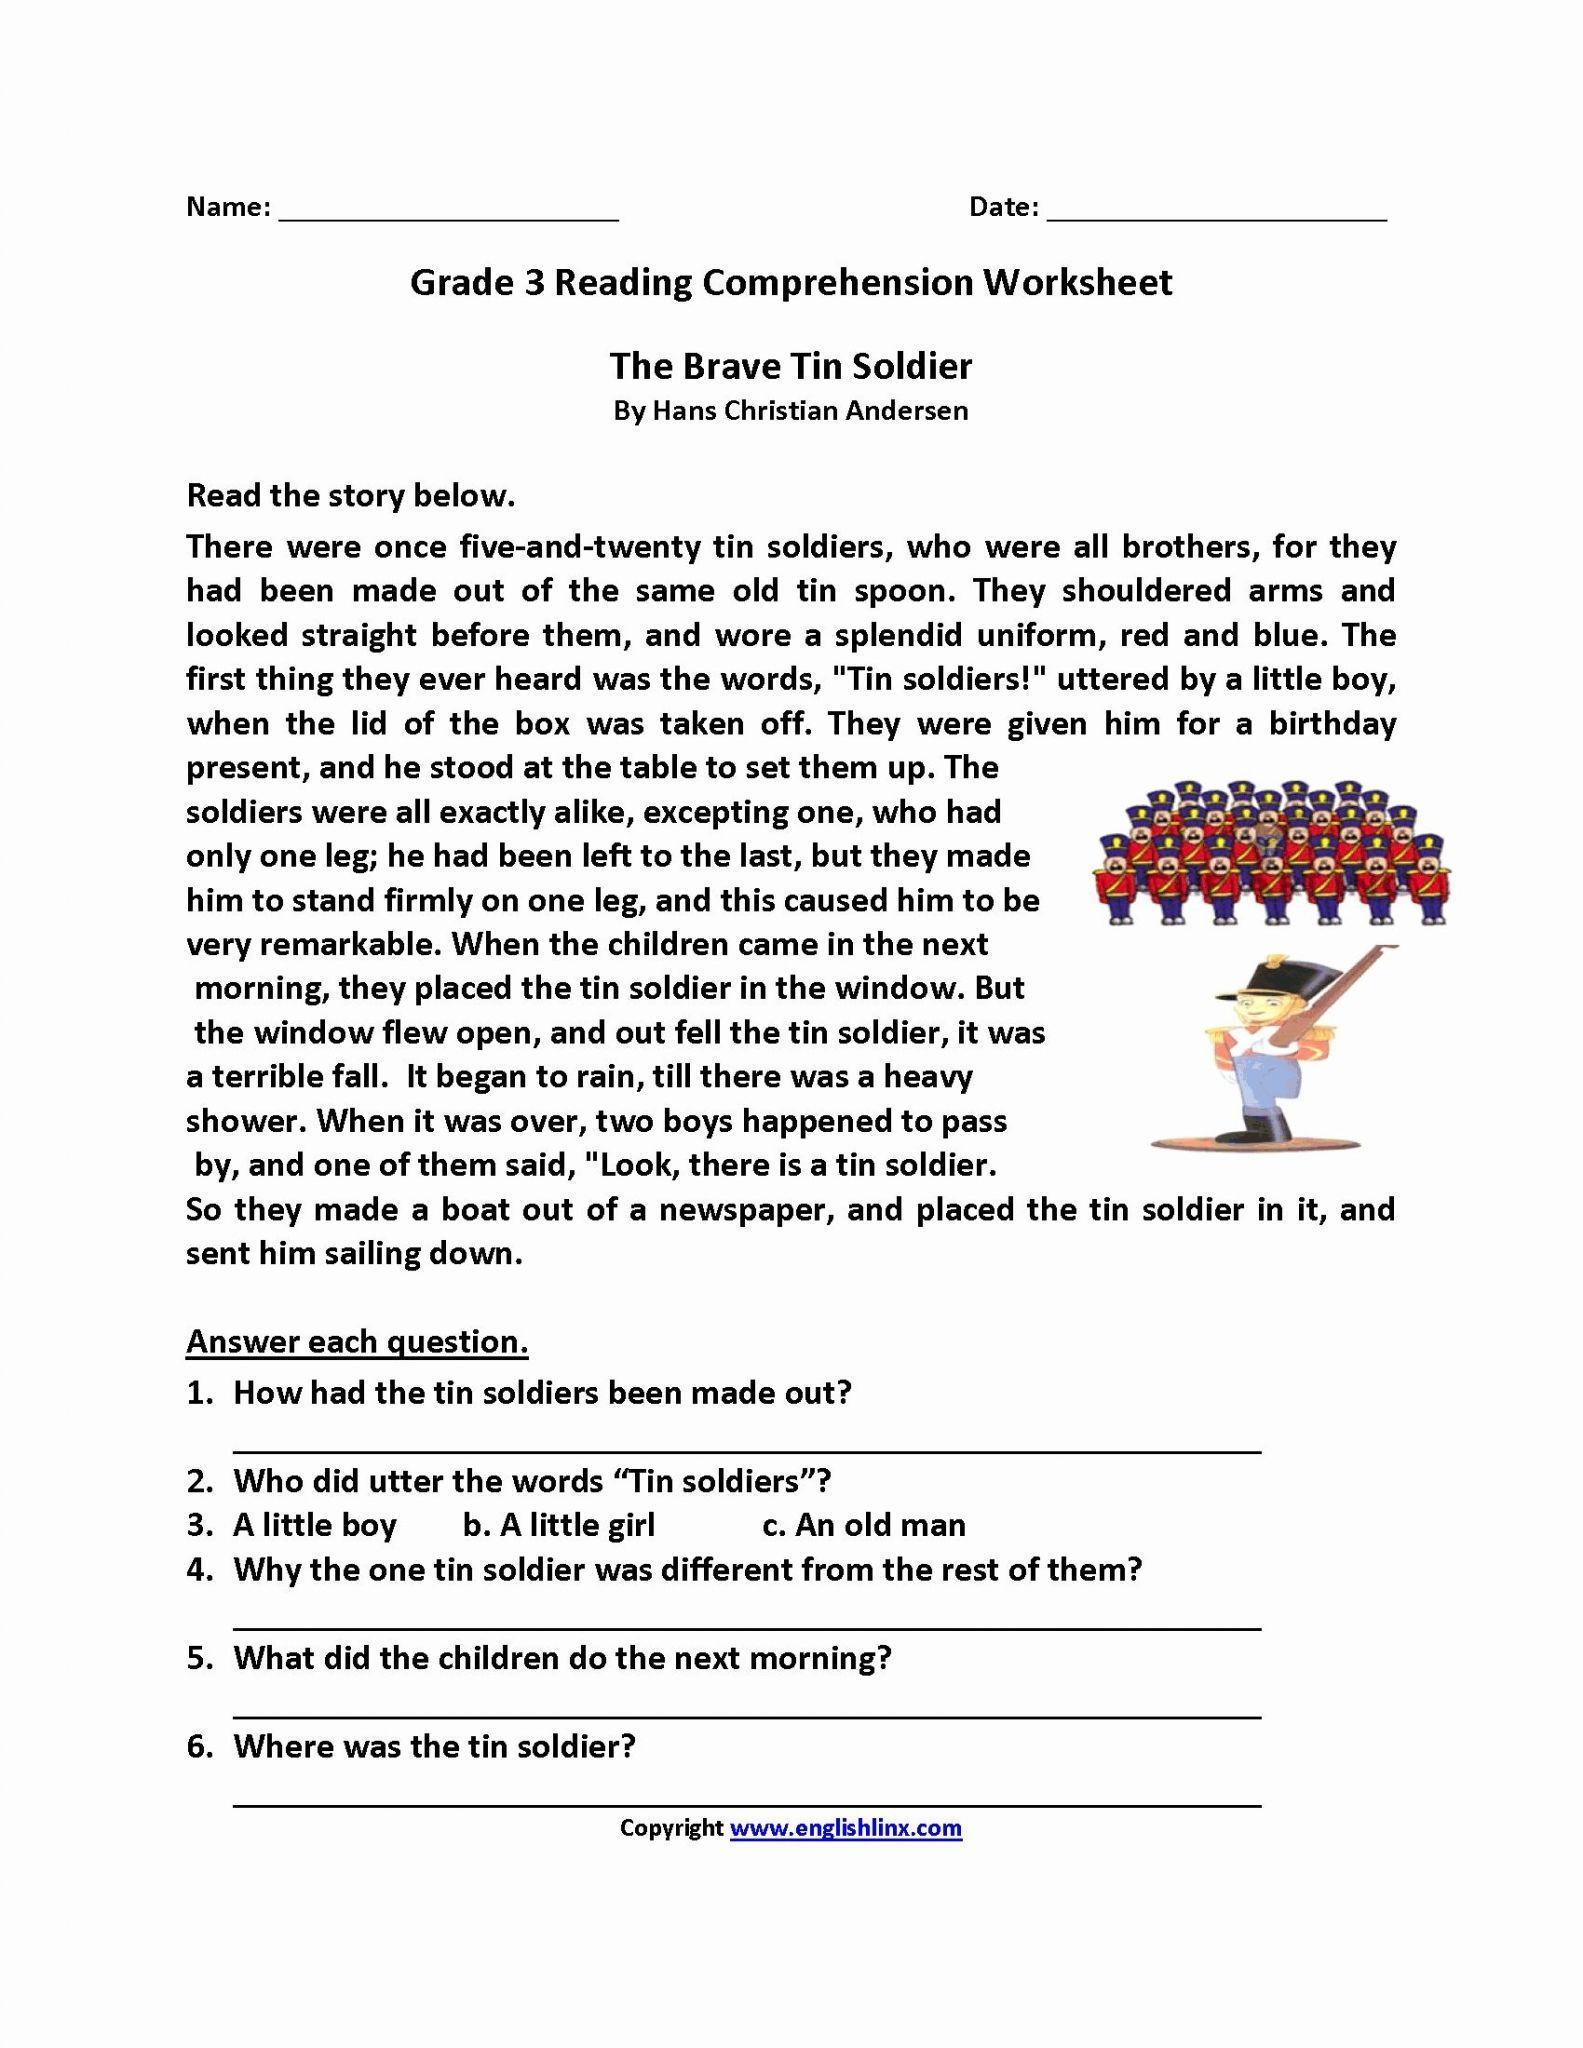 Free 2nd Grade Comprehension Worksheets 2nd Grade Reading Prehension Worksheets Pdf for Free 2nd